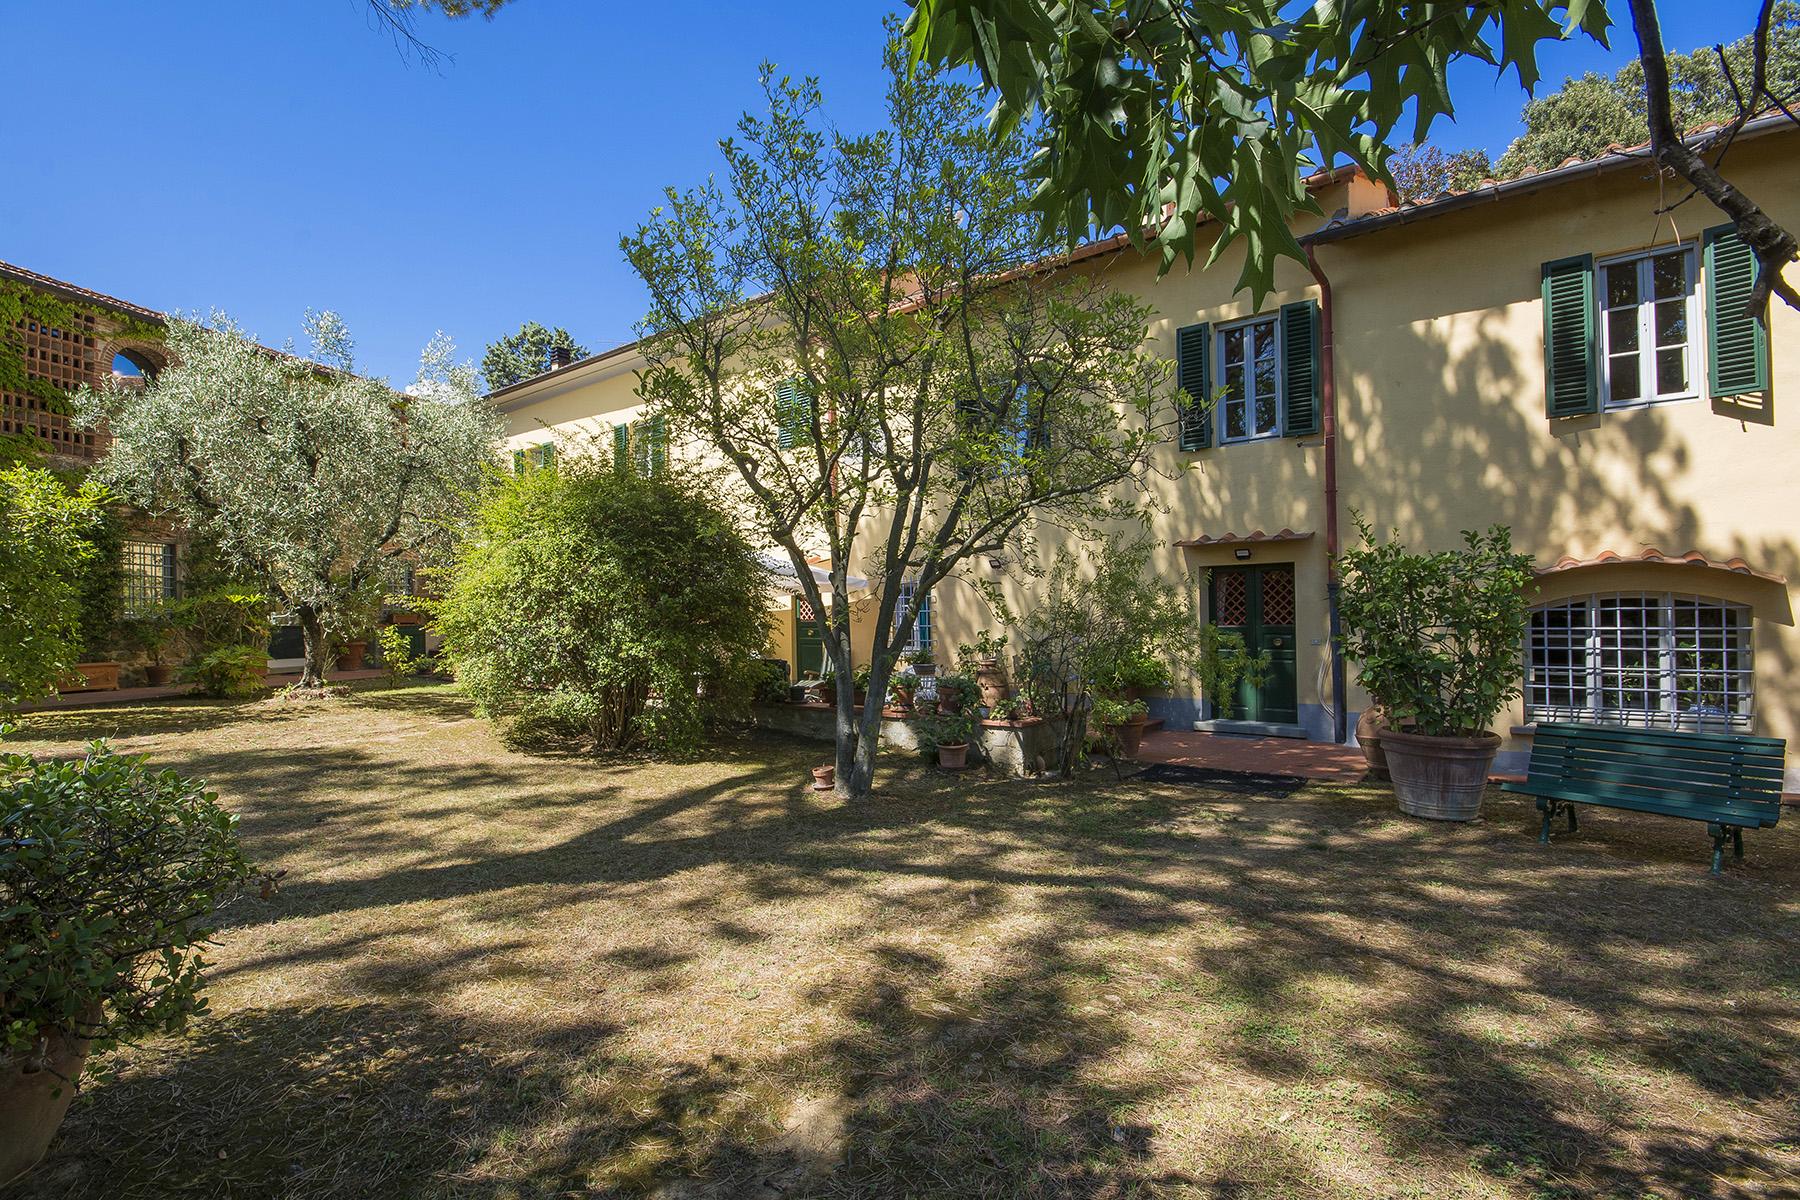 Rustico in Vendita a Monsummano Terme: 5 locali, 570 mq - Foto 2